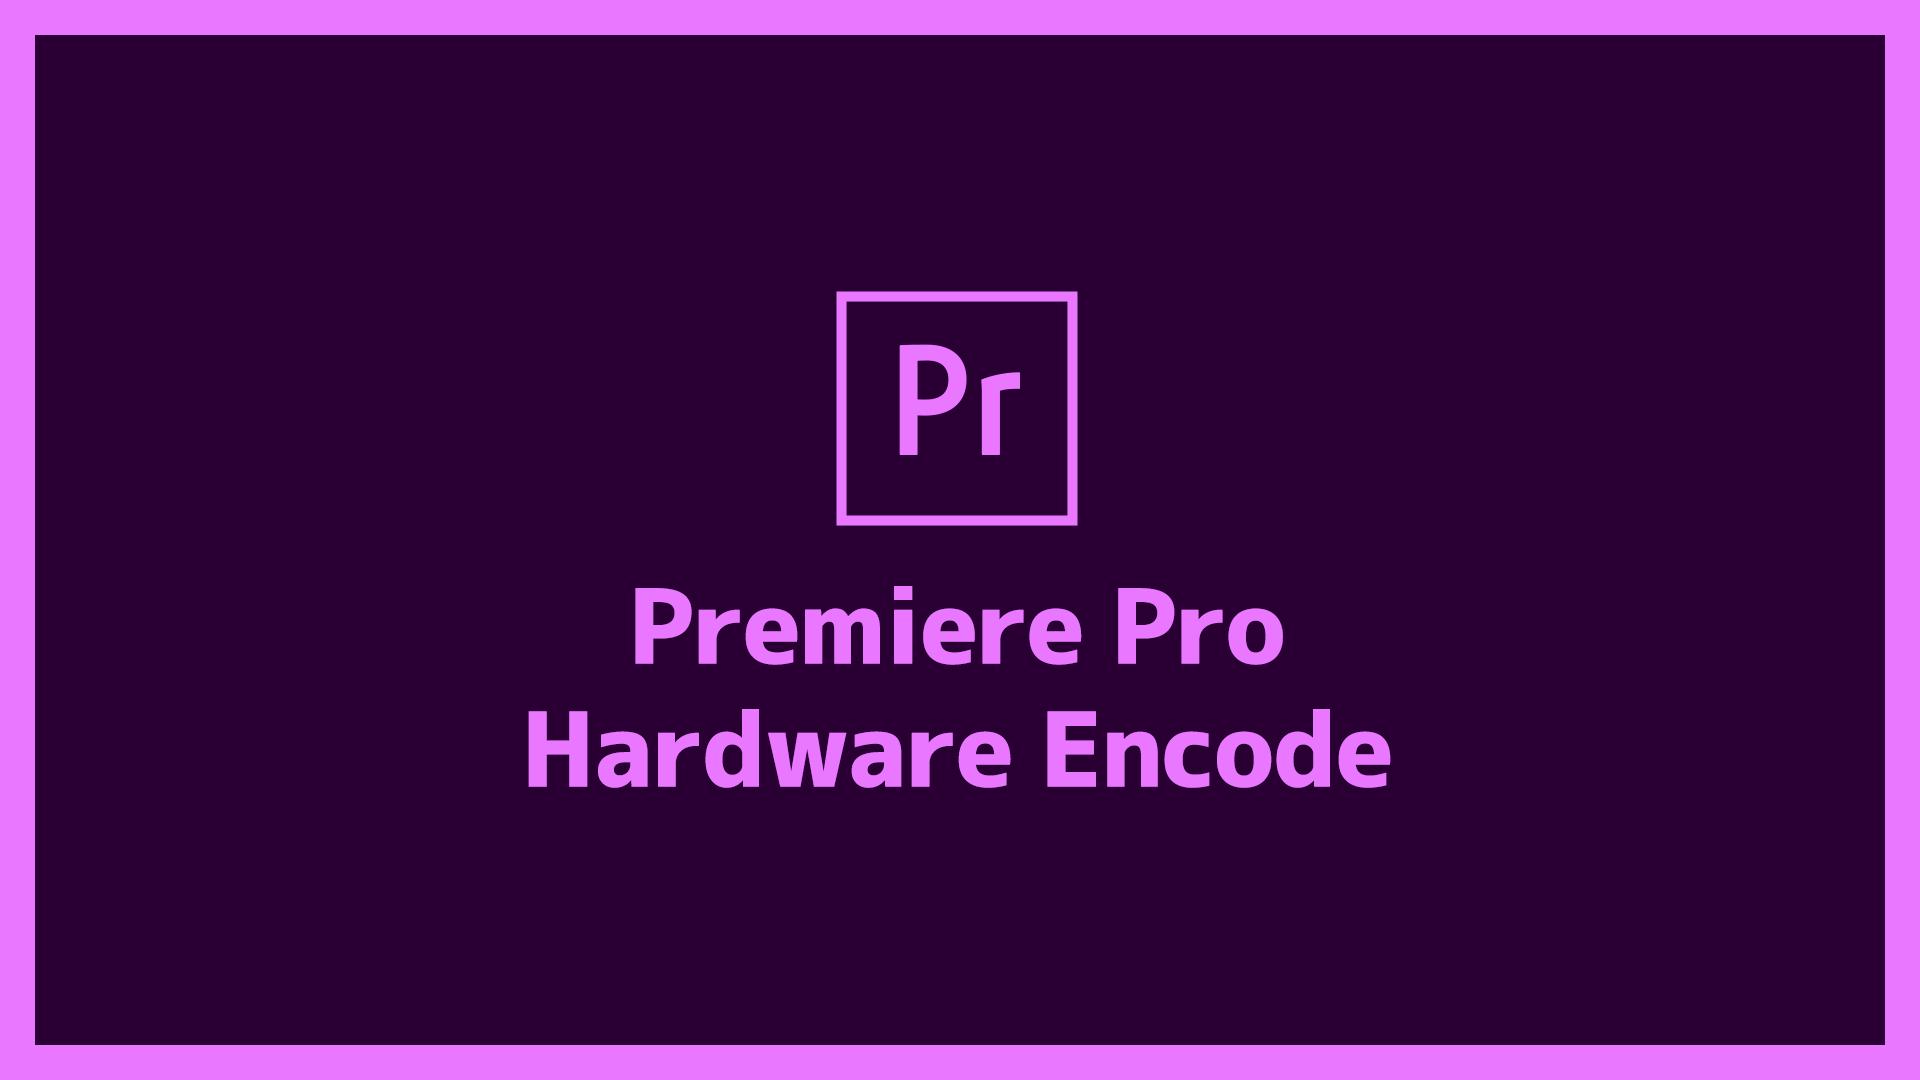 Premiere Proのハードウェアエンコードで動画の書き出し時間が爆速になった